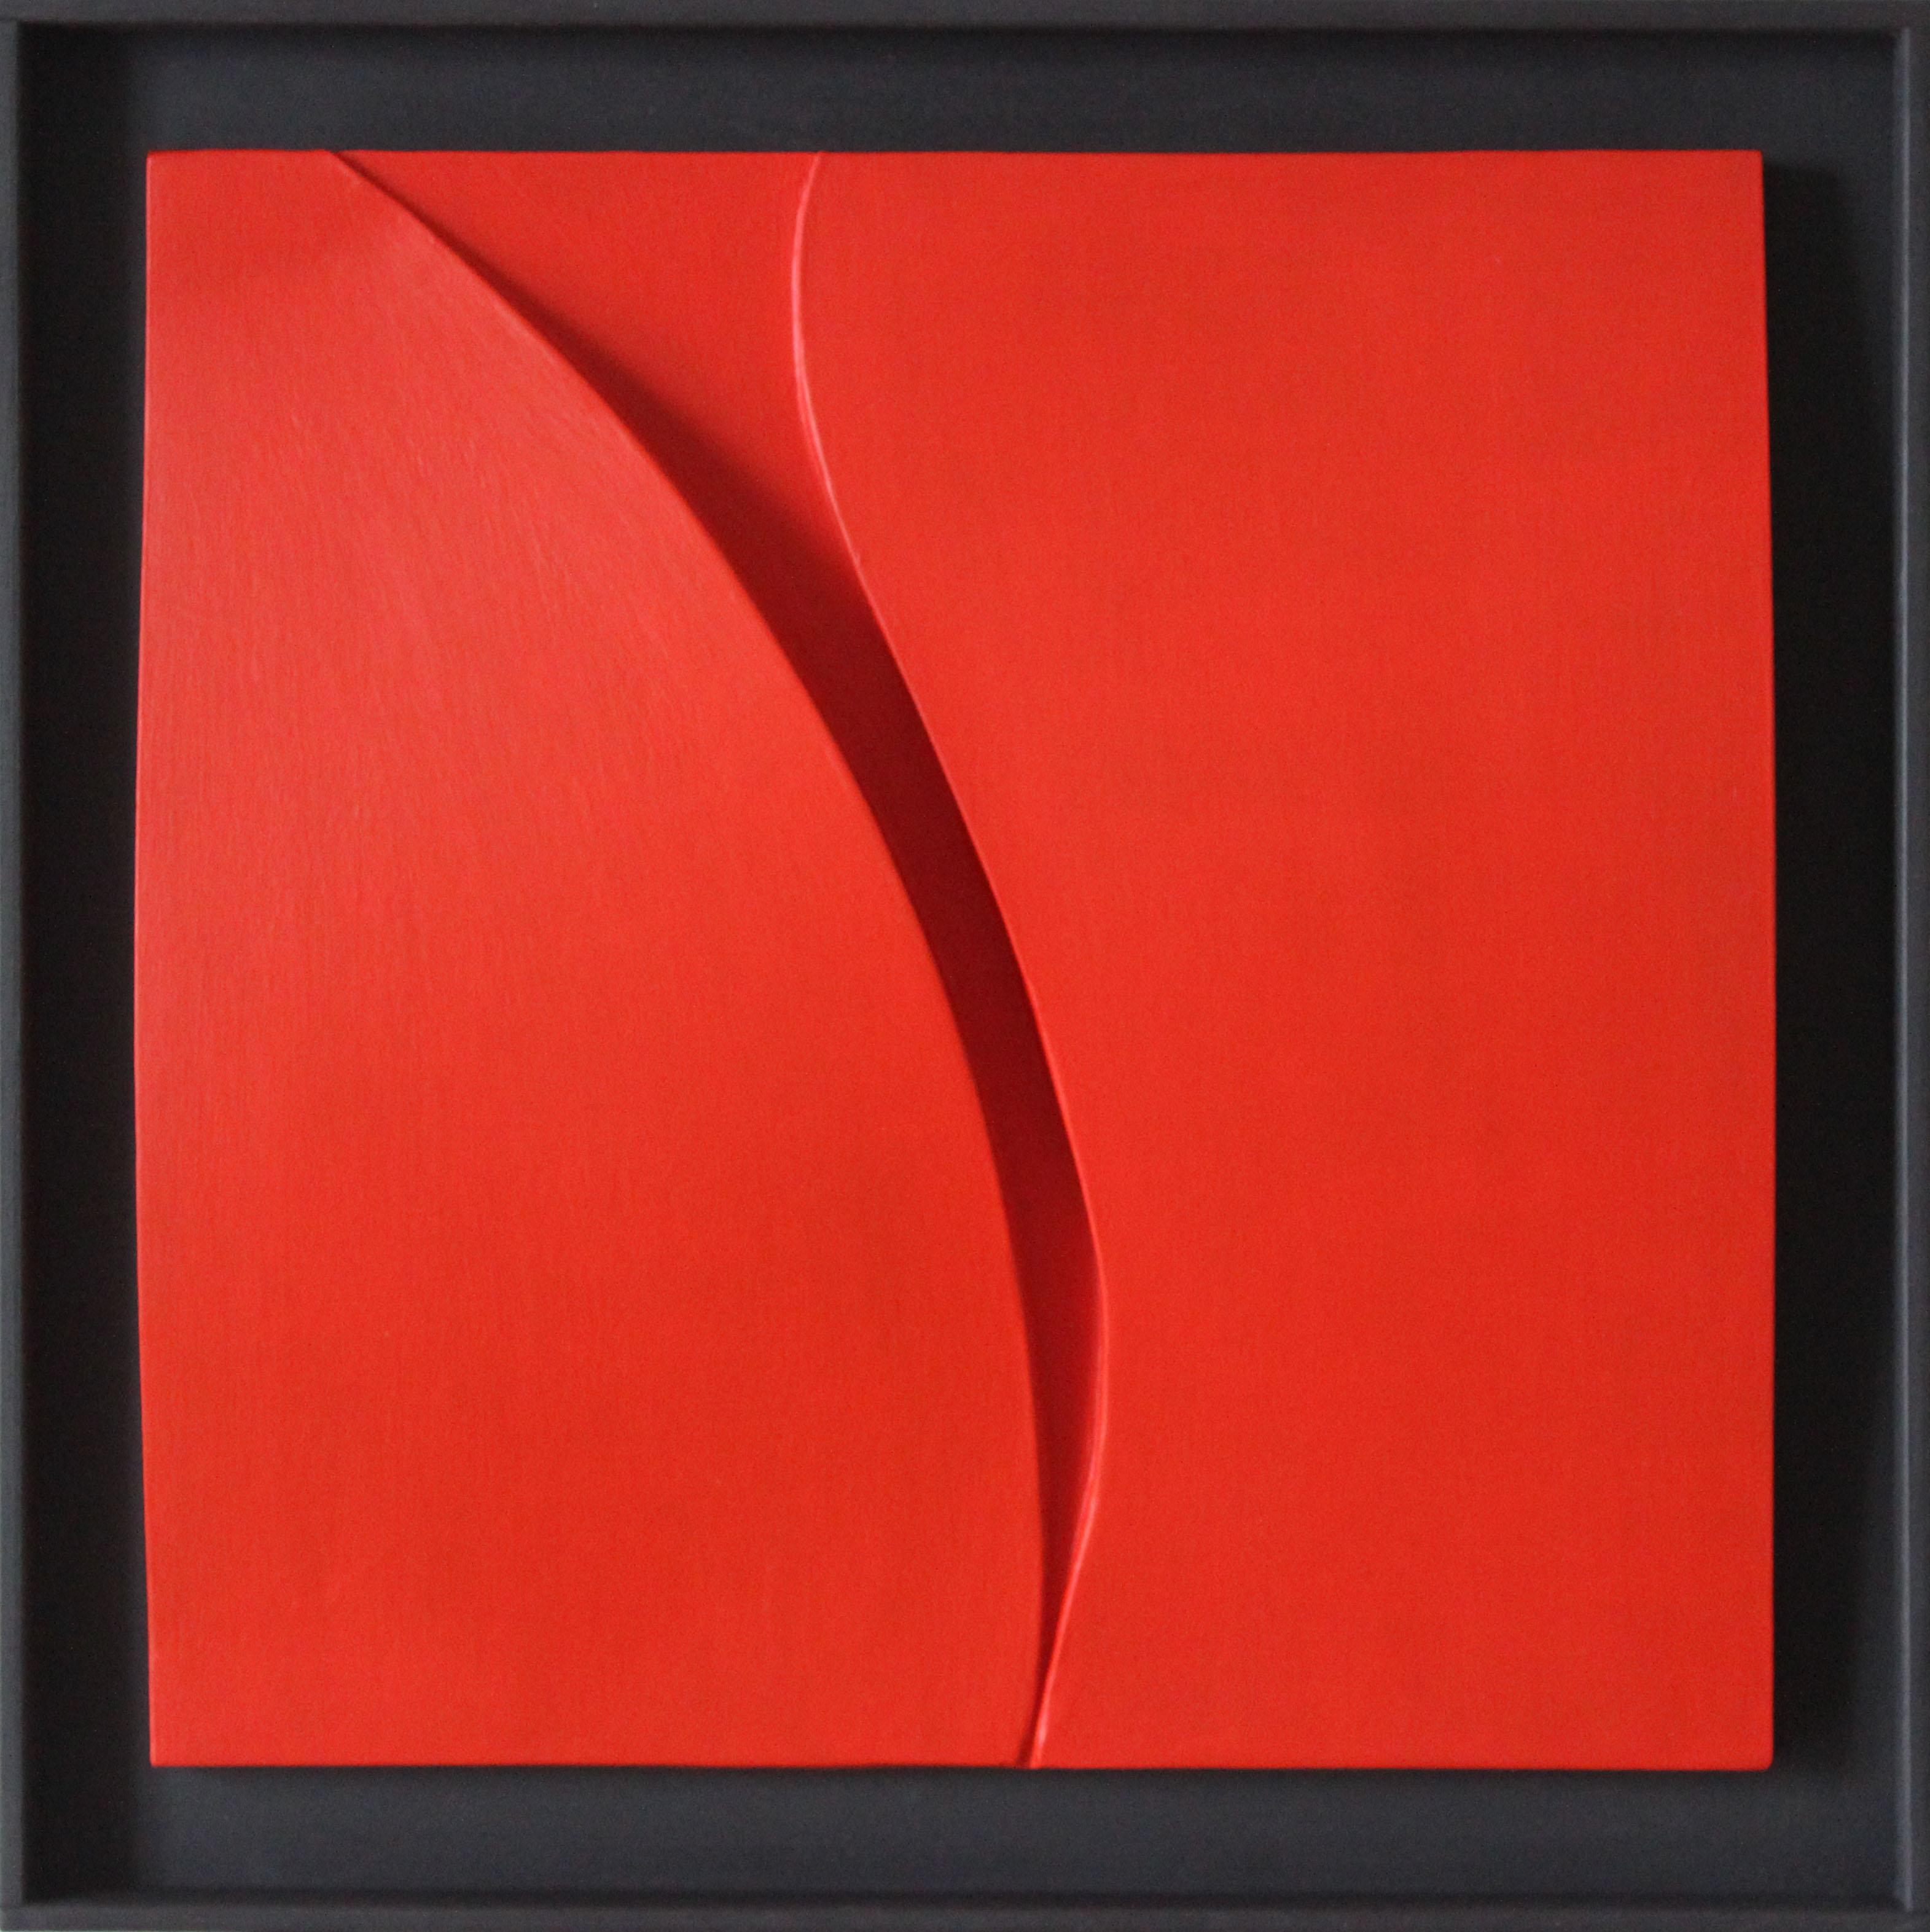 MODULO EMERSO - cm 50x50 - 2014